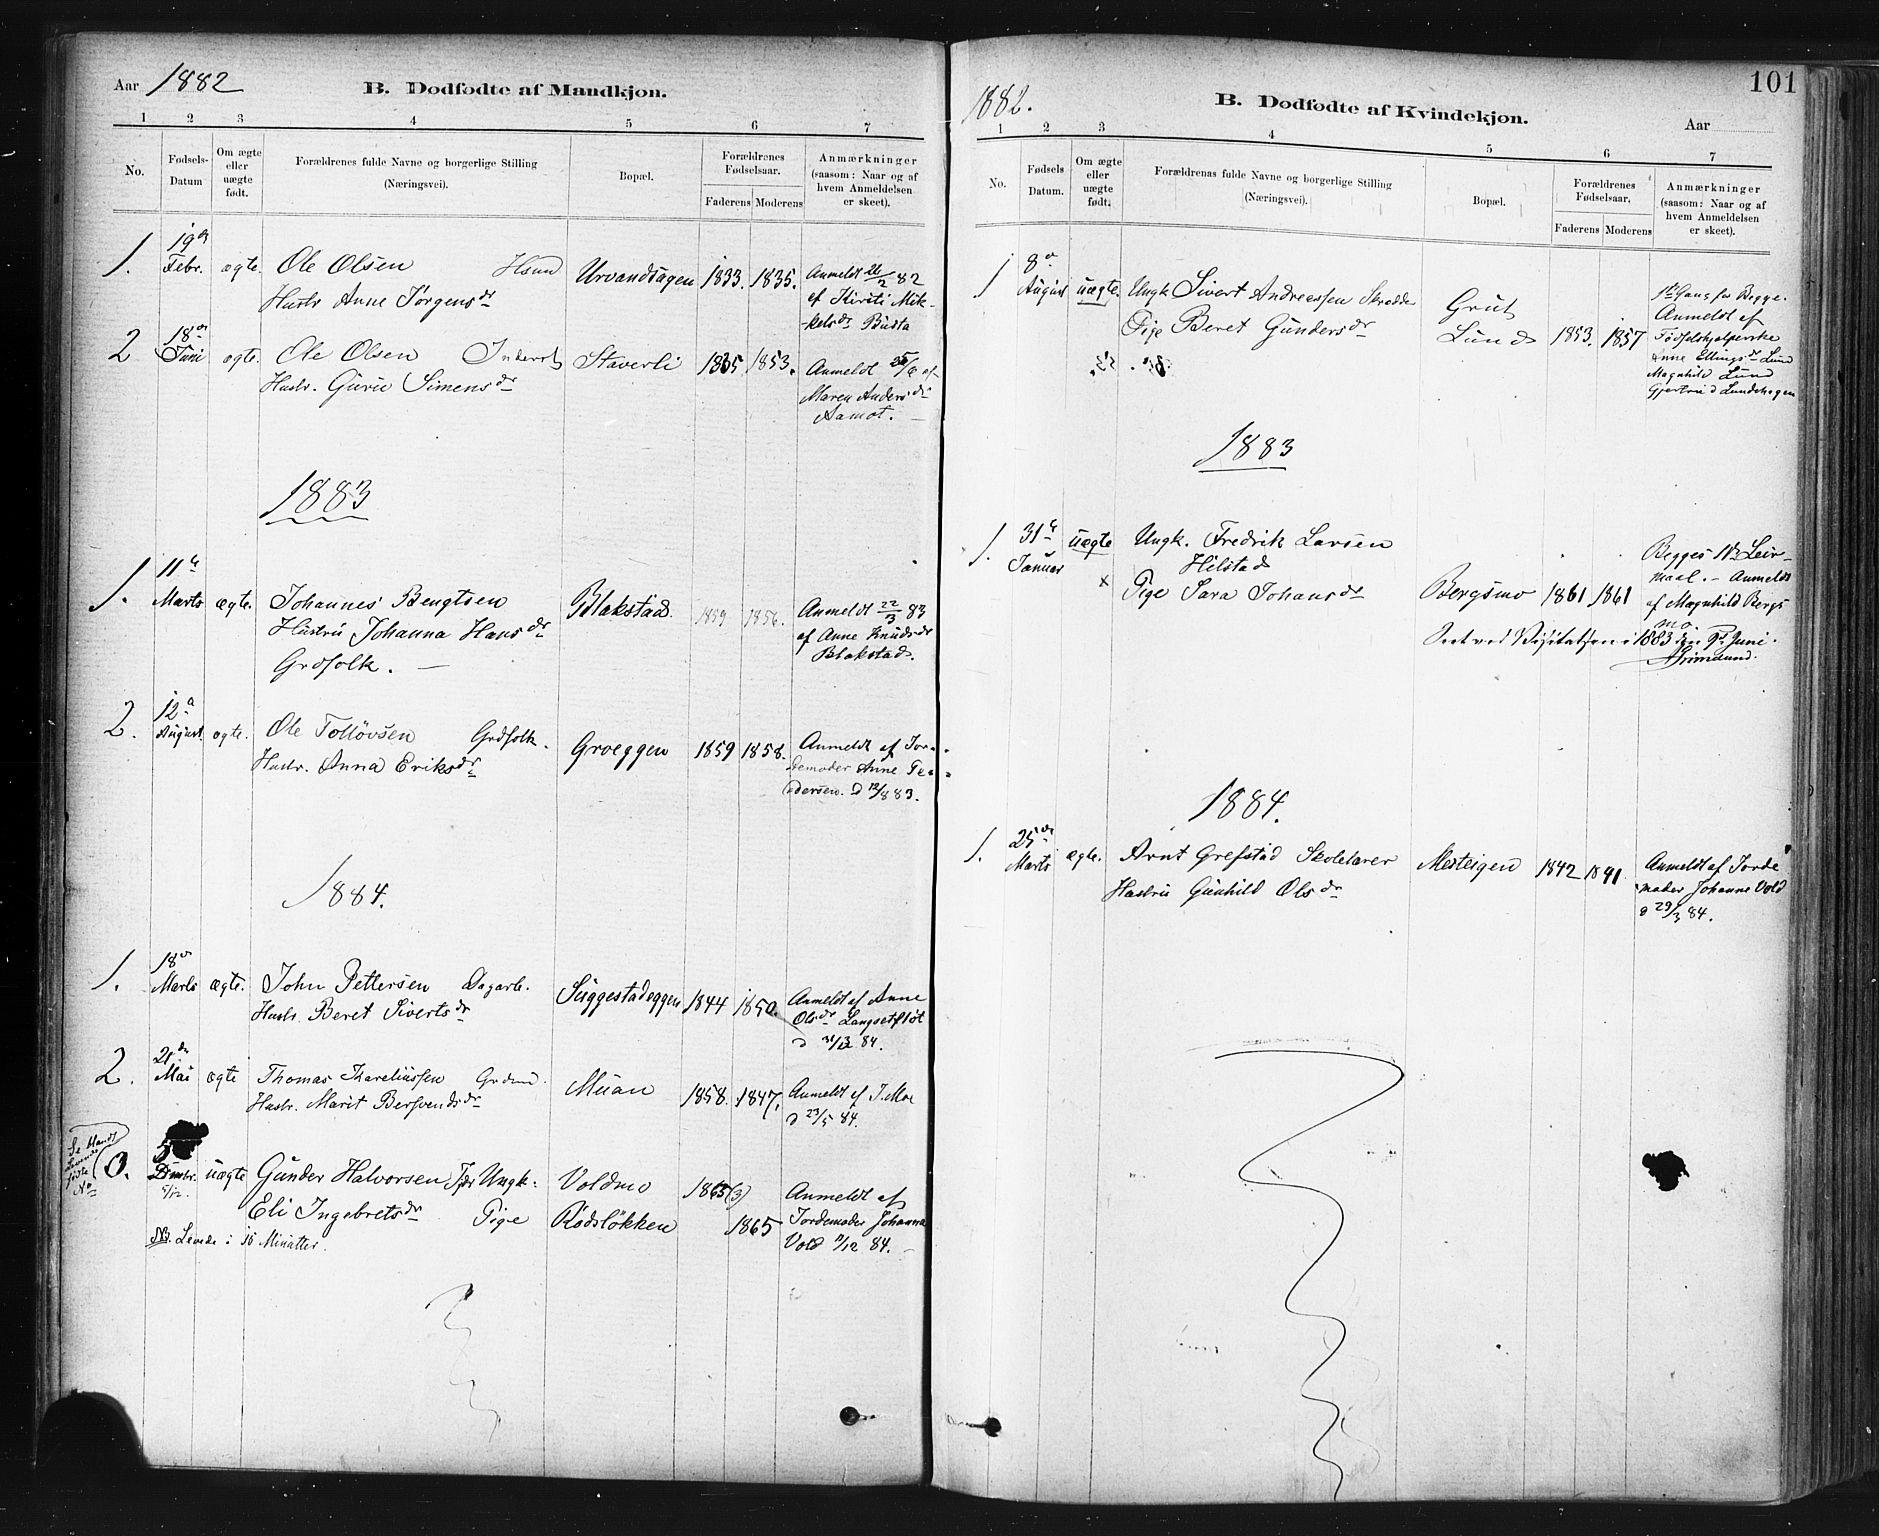 SAT, Ministerialprotokoller, klokkerbøker og fødselsregistre - Sør-Trøndelag, 672/L0857: Ministerialbok nr. 672A09, 1882-1893, s. 101